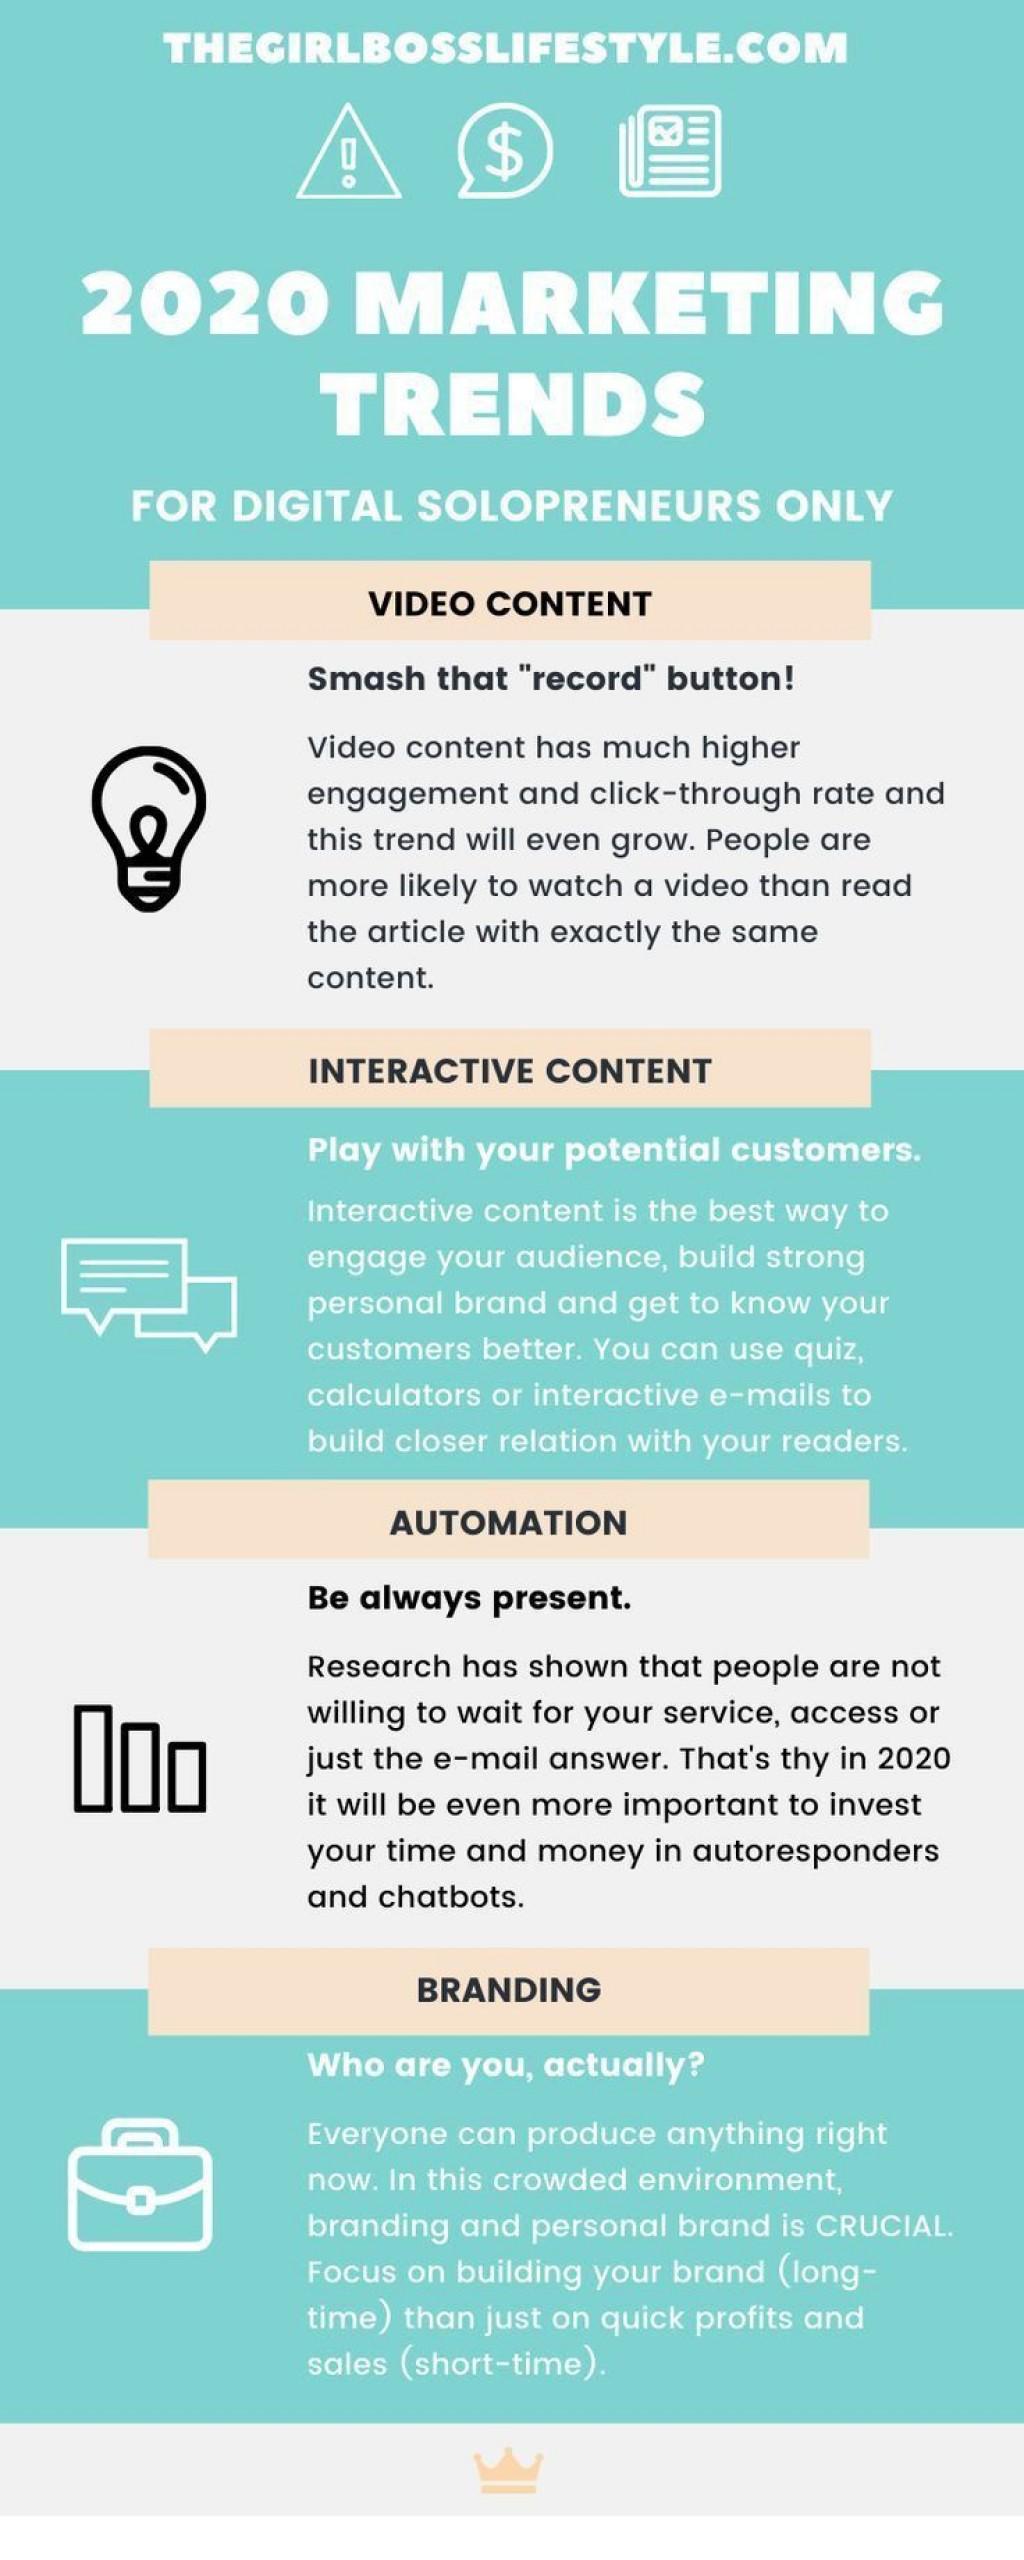 002 Fascinating Digital Marketing Plan Template 2019 Image Large